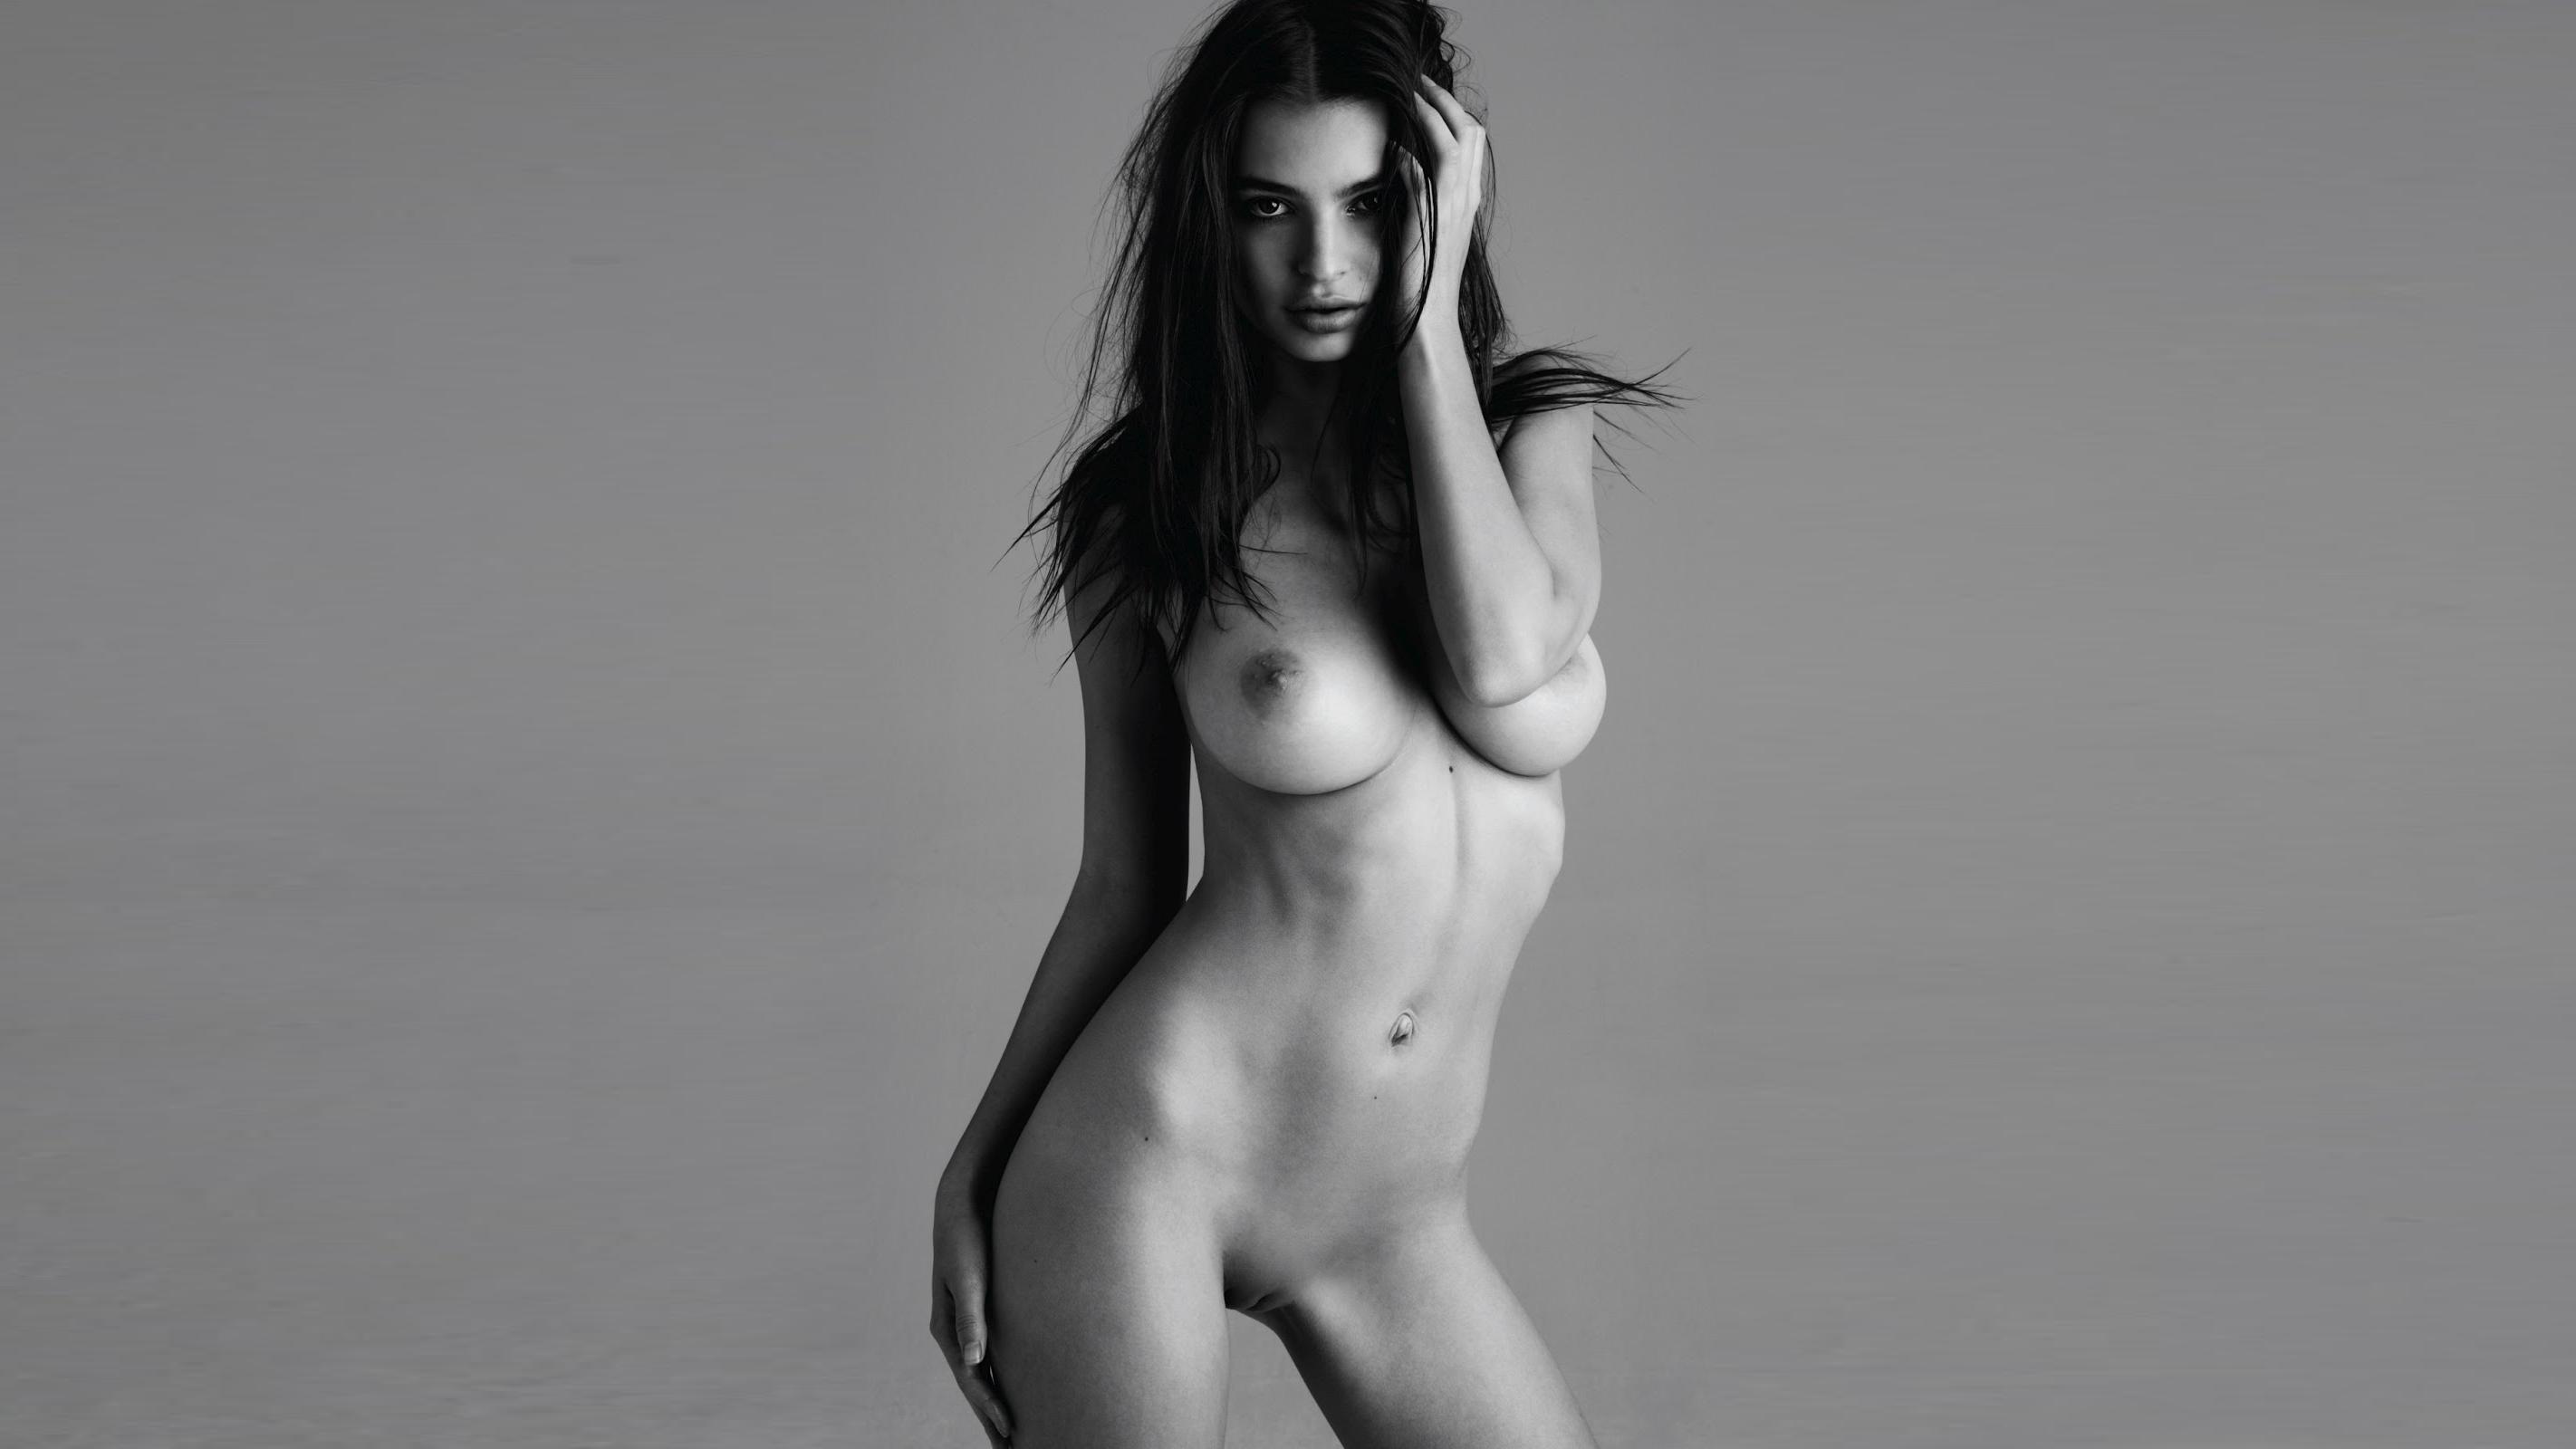 Сборник клипов 2011 sex 14 фотография